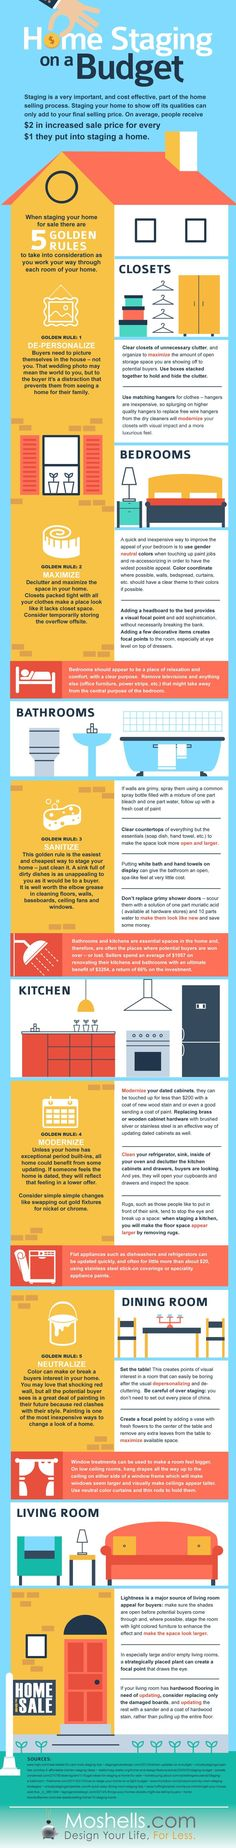 How To Do Home Staging On A Budget , http://www.interiordesign-world.com/interior-design/how-to-do-home-staging-on-a-budget/